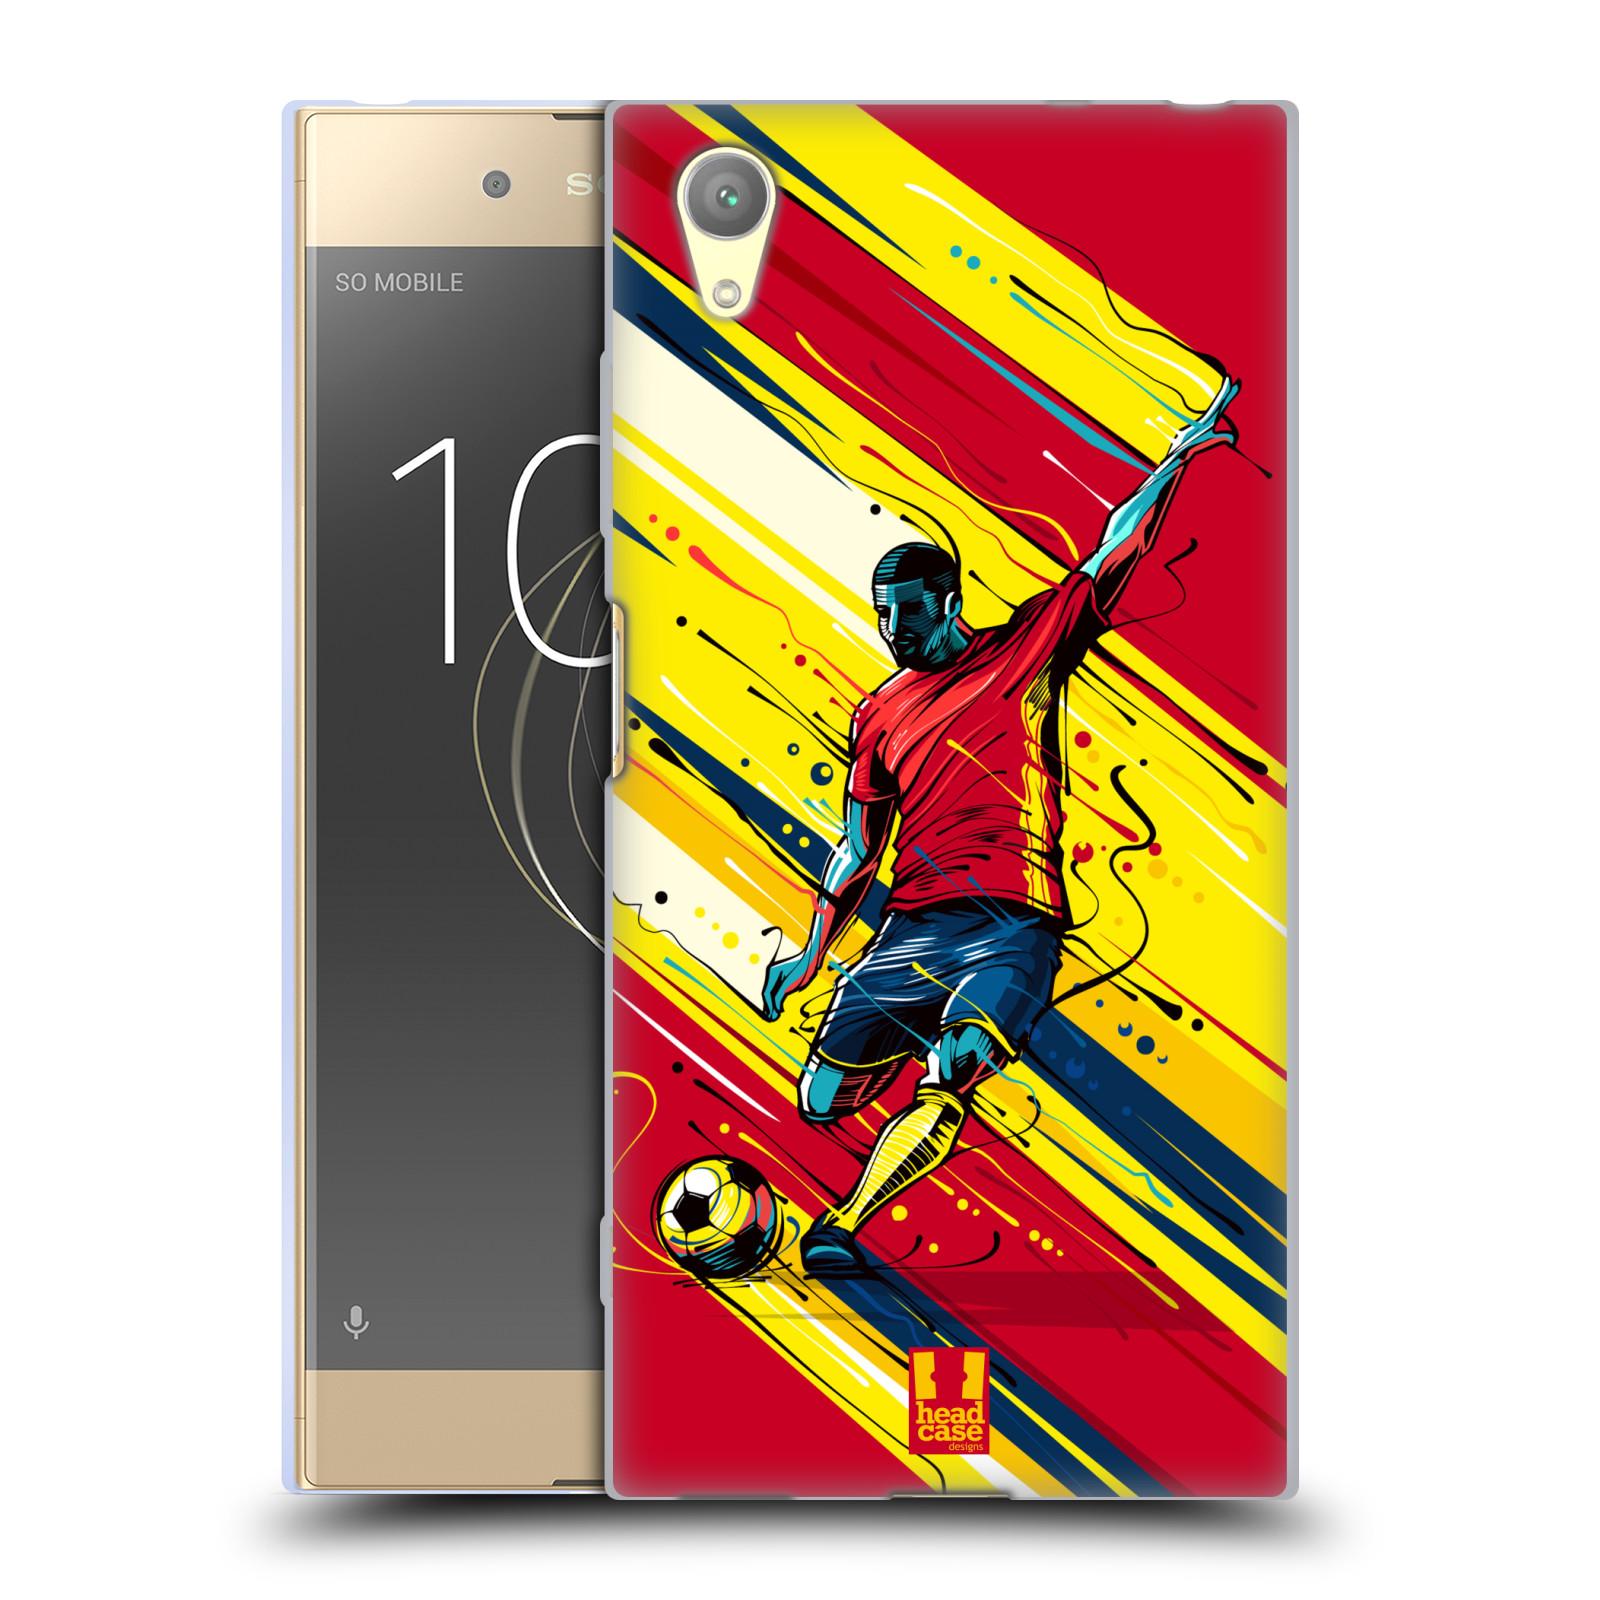 HEAD CASE silikonový obal na mobil Sony Xperia XA1 PLUS Sport fotbal střela do brány